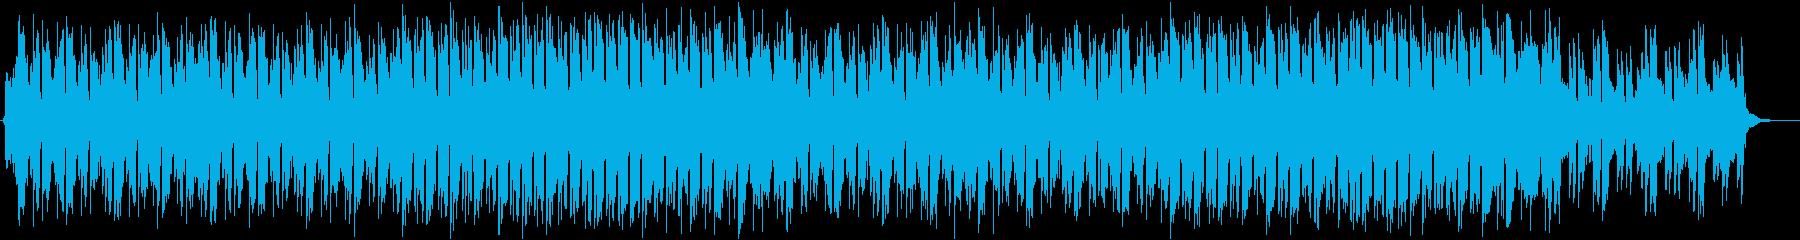 サックスがスタイリッシュでオシャレなBGの再生済みの波形